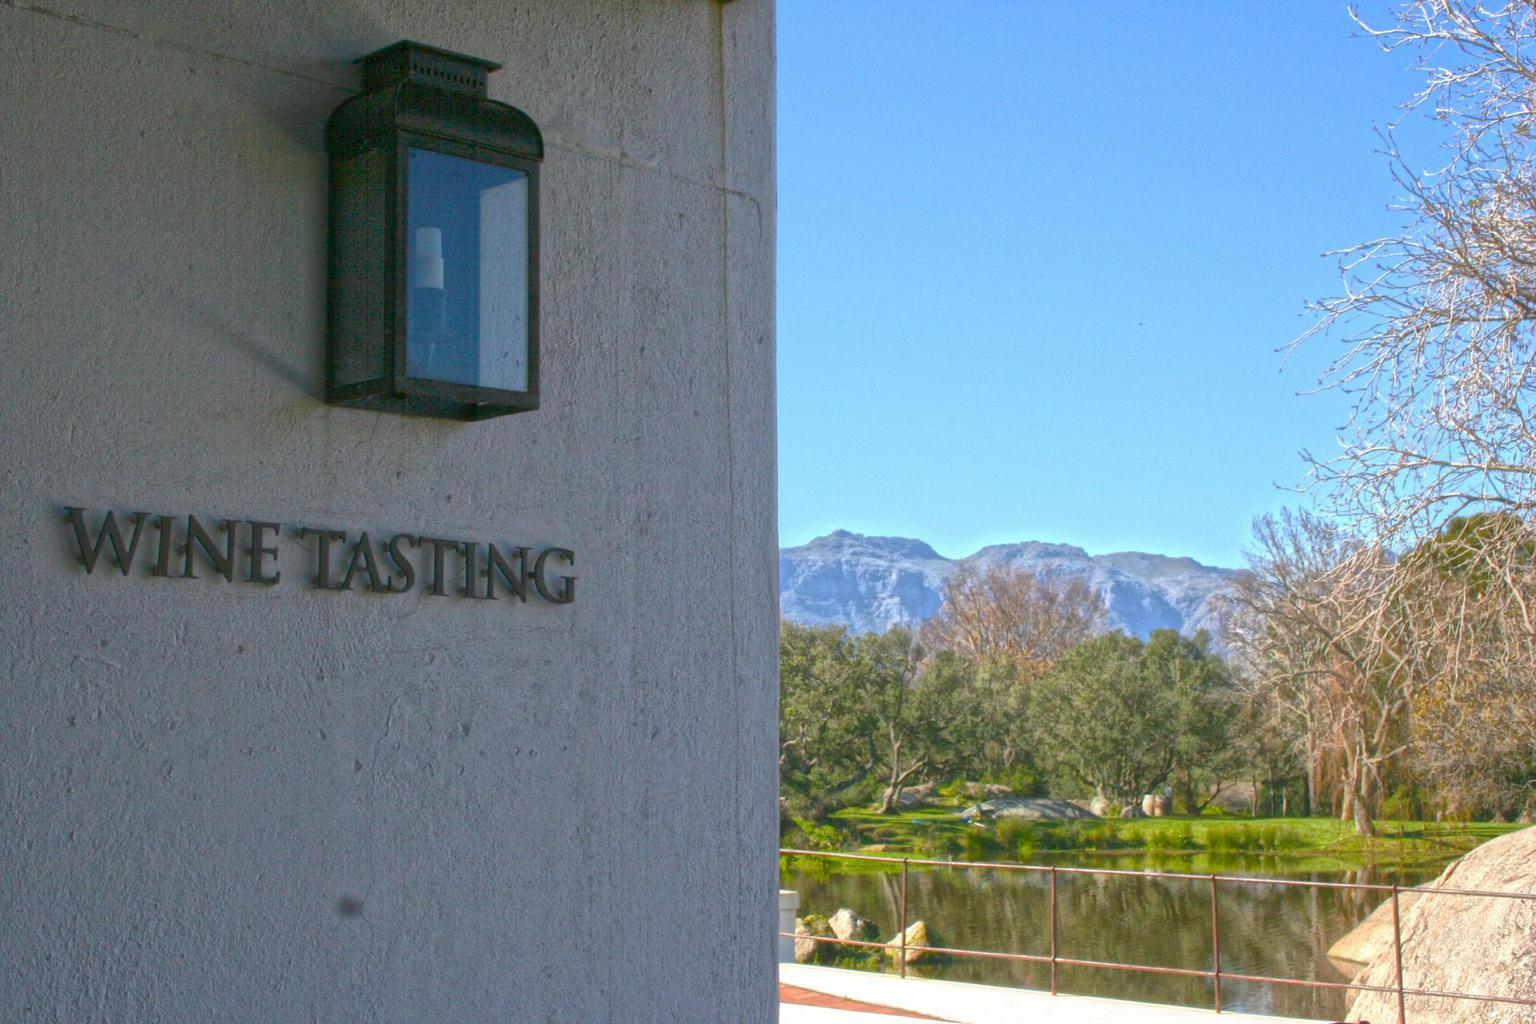 Tasting etiquette in Cape Town